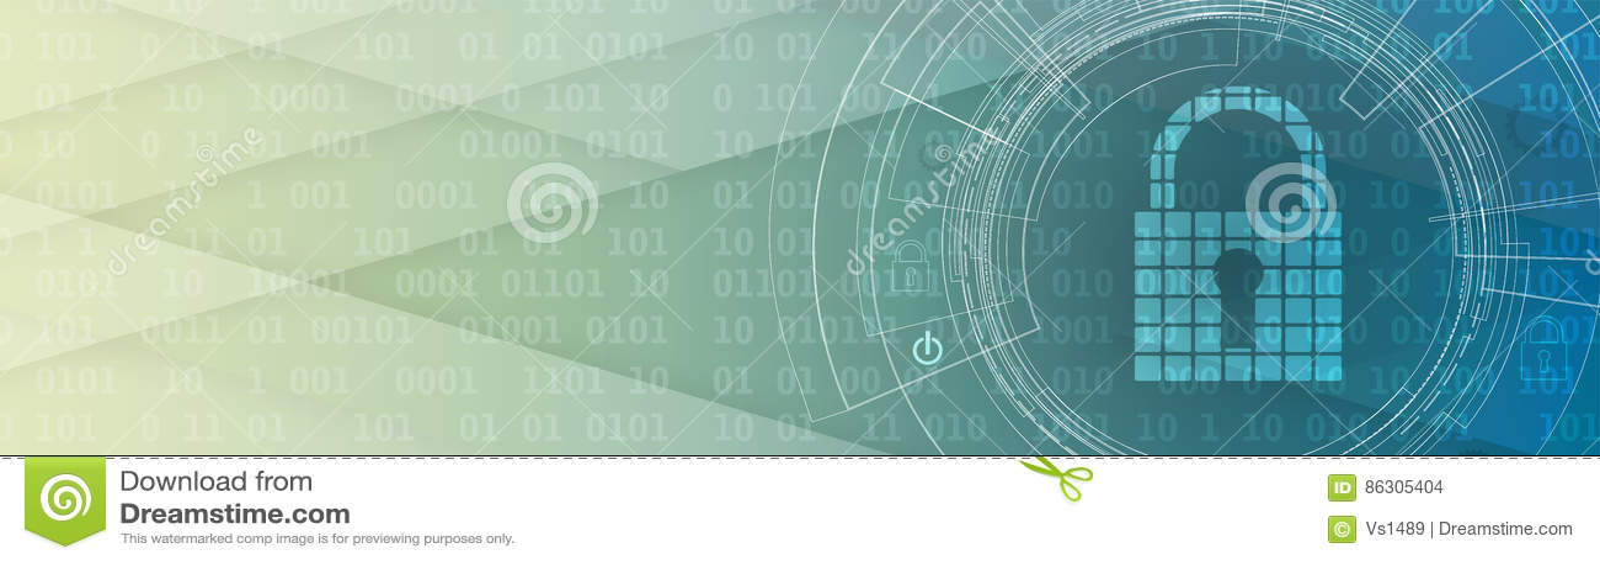 Concept de sécurité de technologie Fond numérique de sécurité moderne